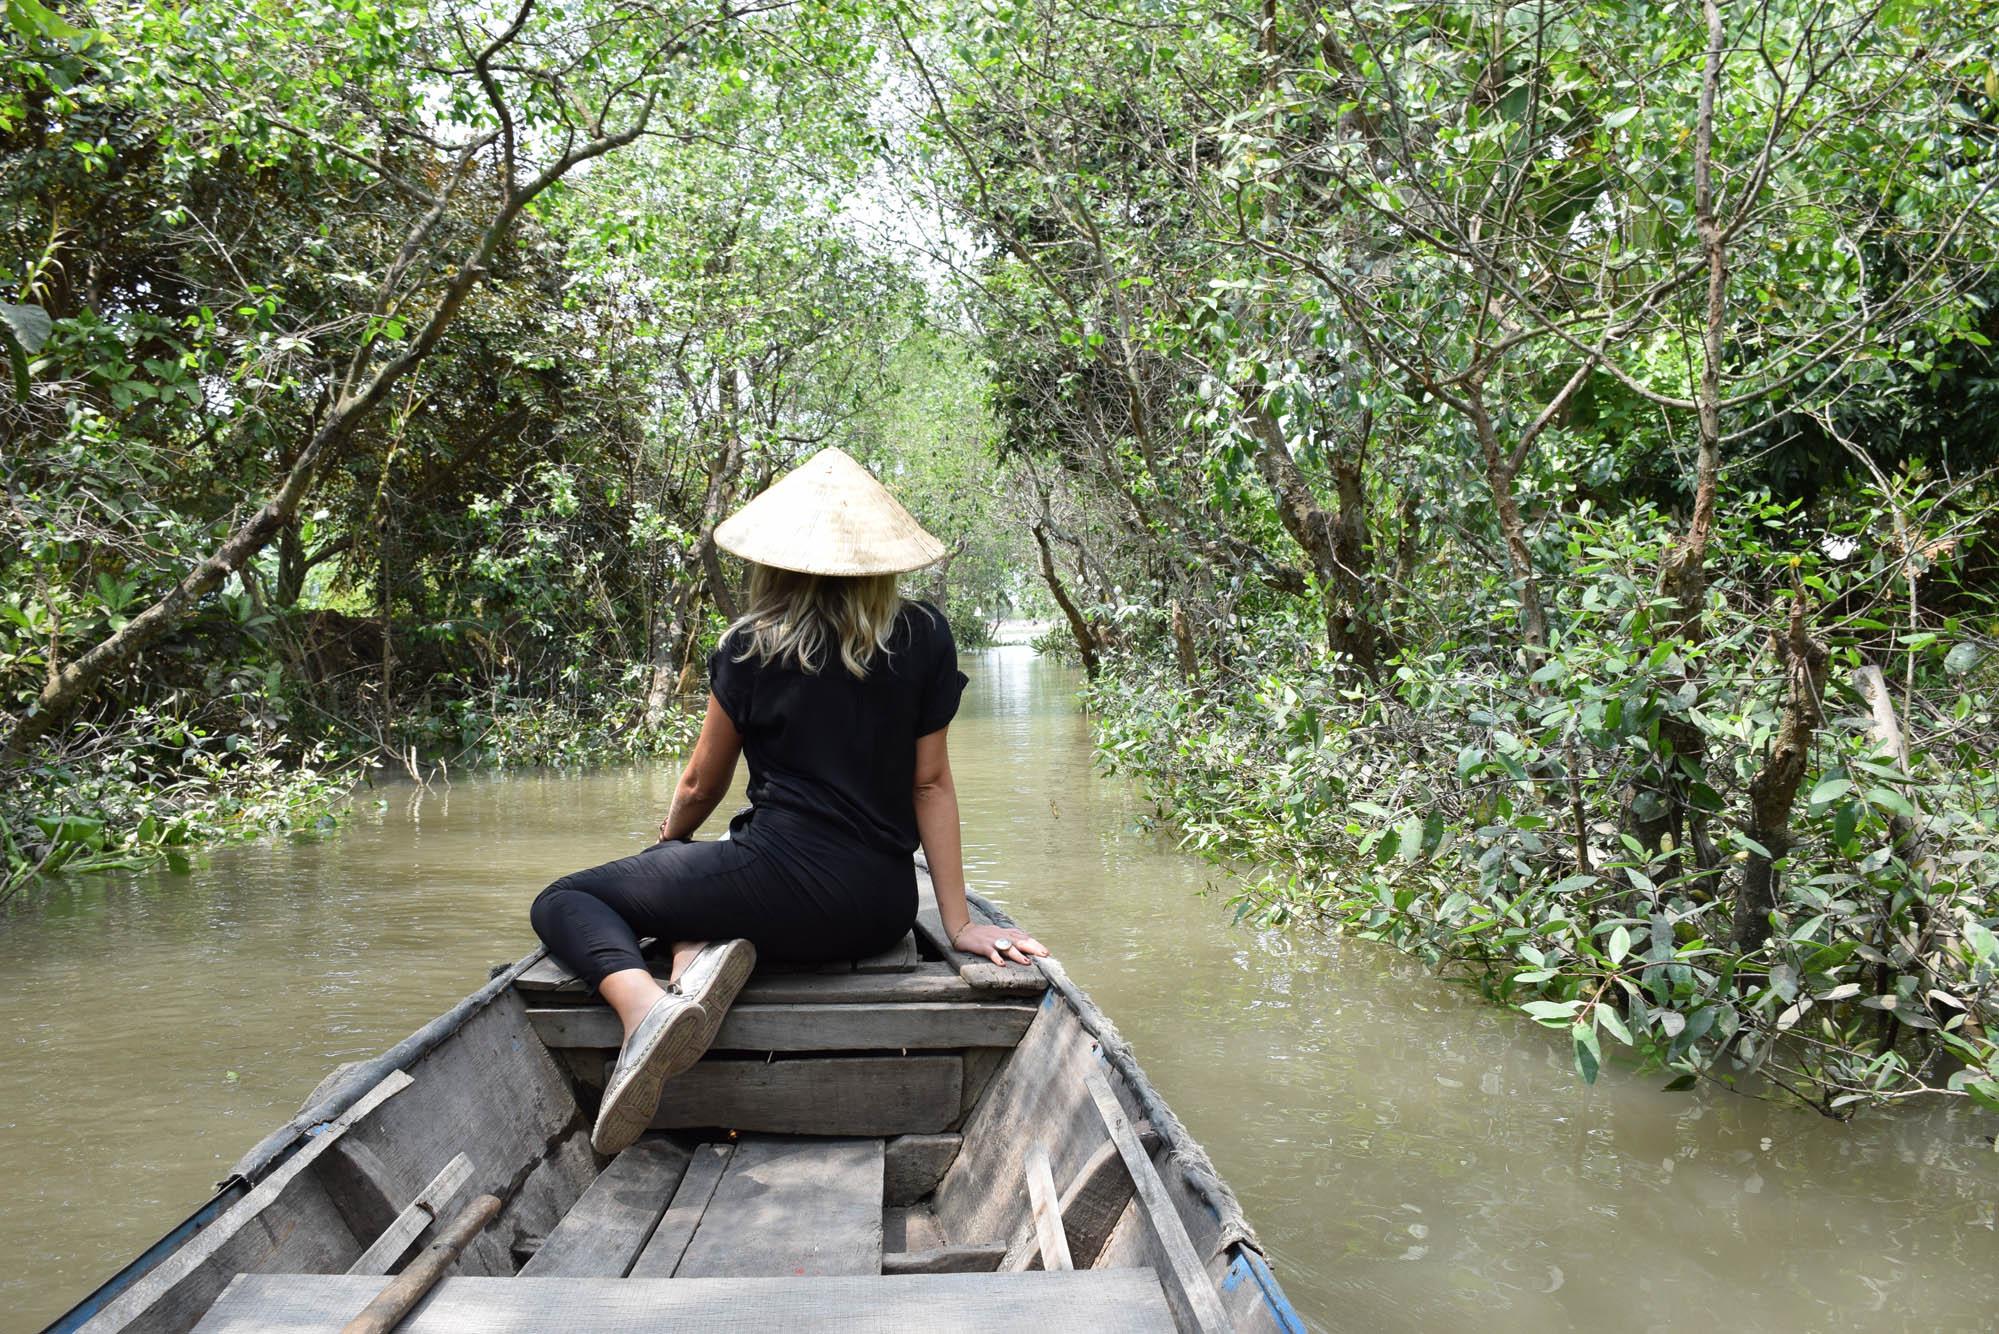 Passeio de barquinho a remo por um dos afluentes do Rio Mekong